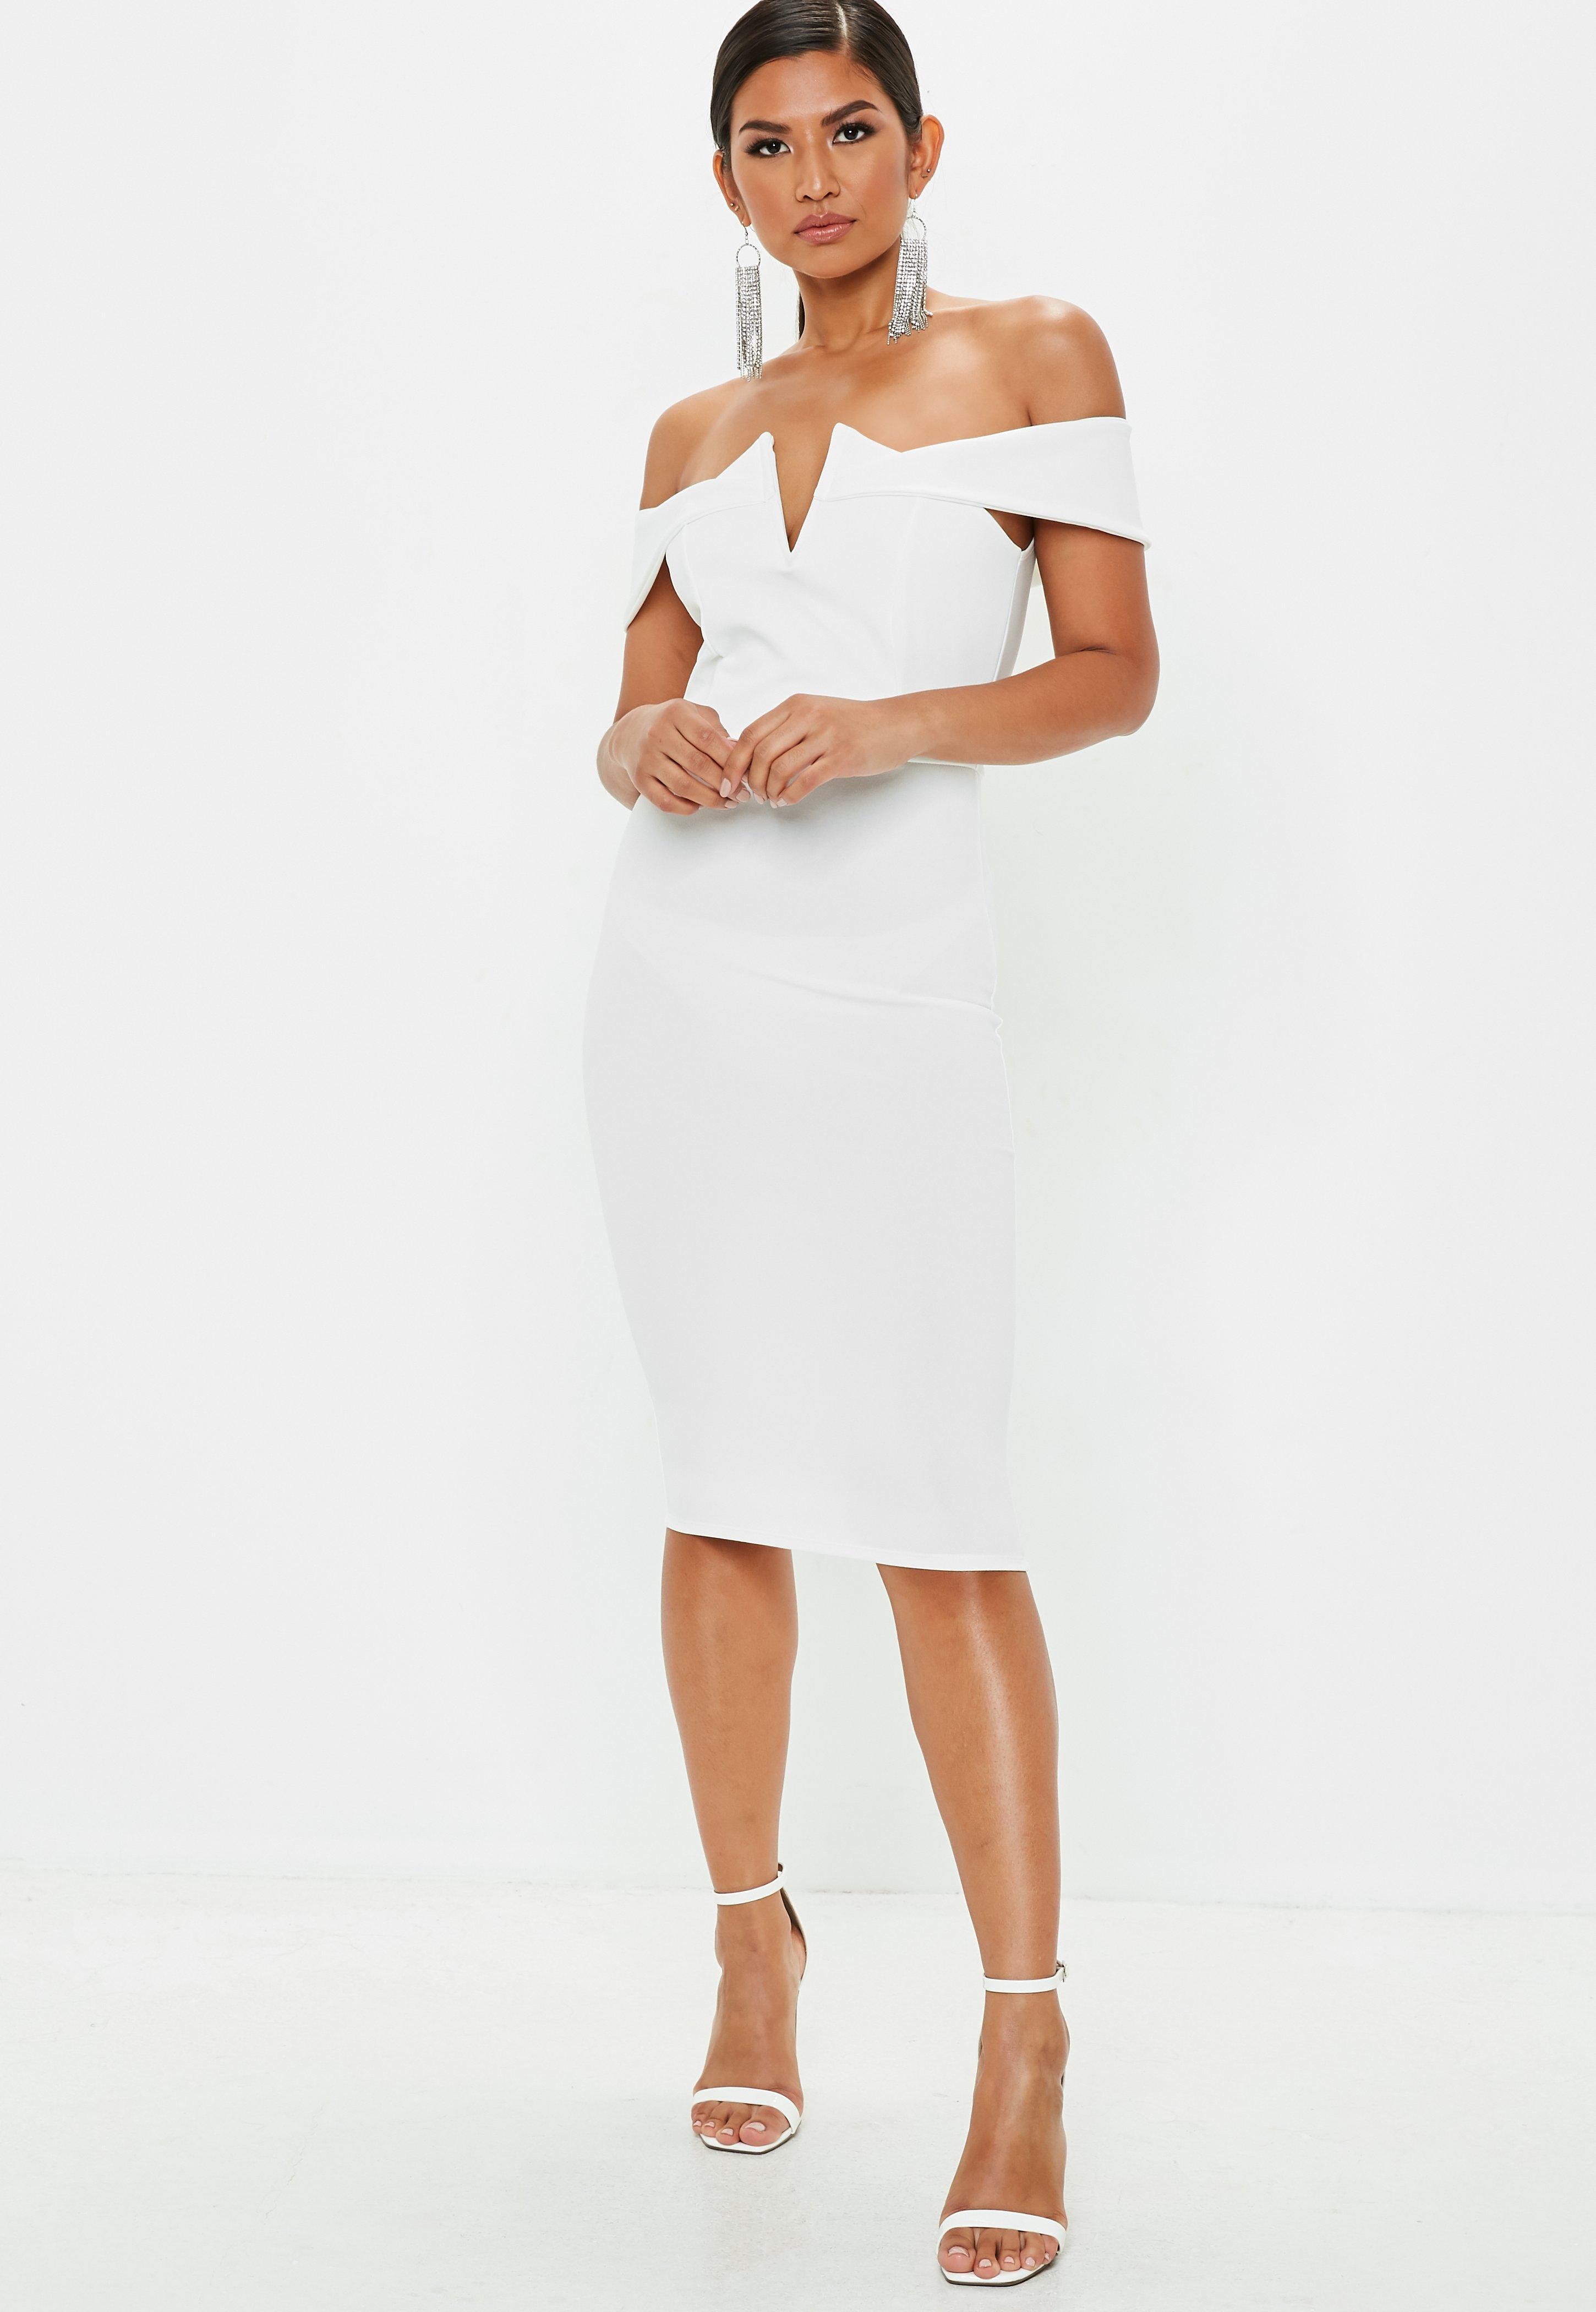 Femme Femme amp; Pas Mode Déstockage Déstockage Vêtement Missguided Cher qH6wwT